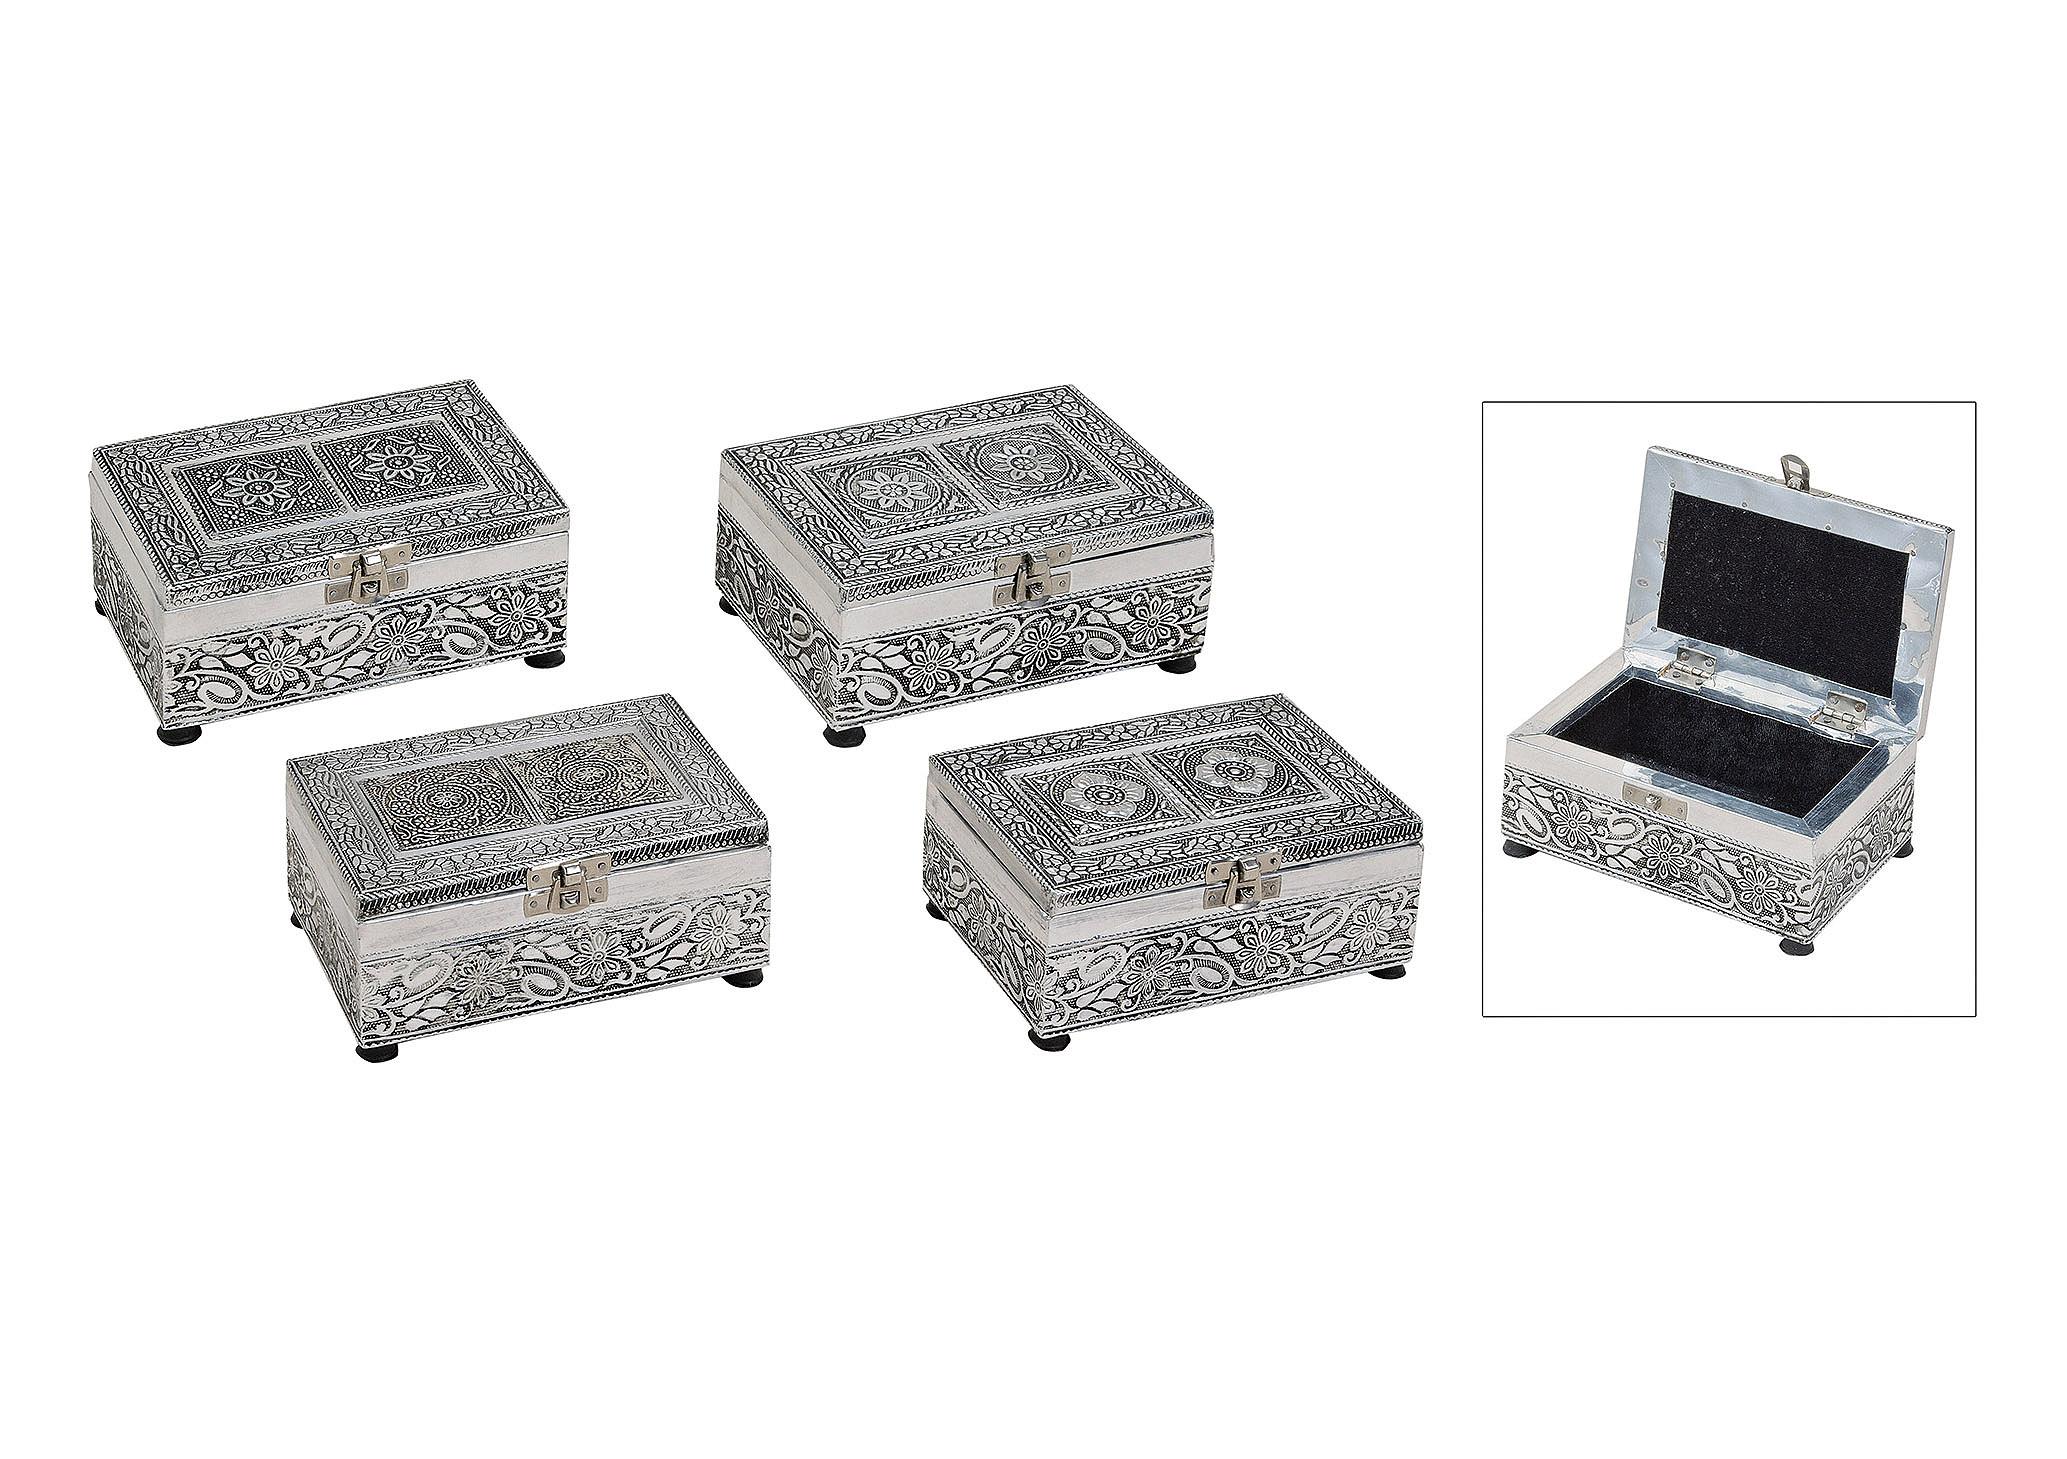 šperkovnice ORIENTAL 15x10x7 cm, kov - 4 druhy